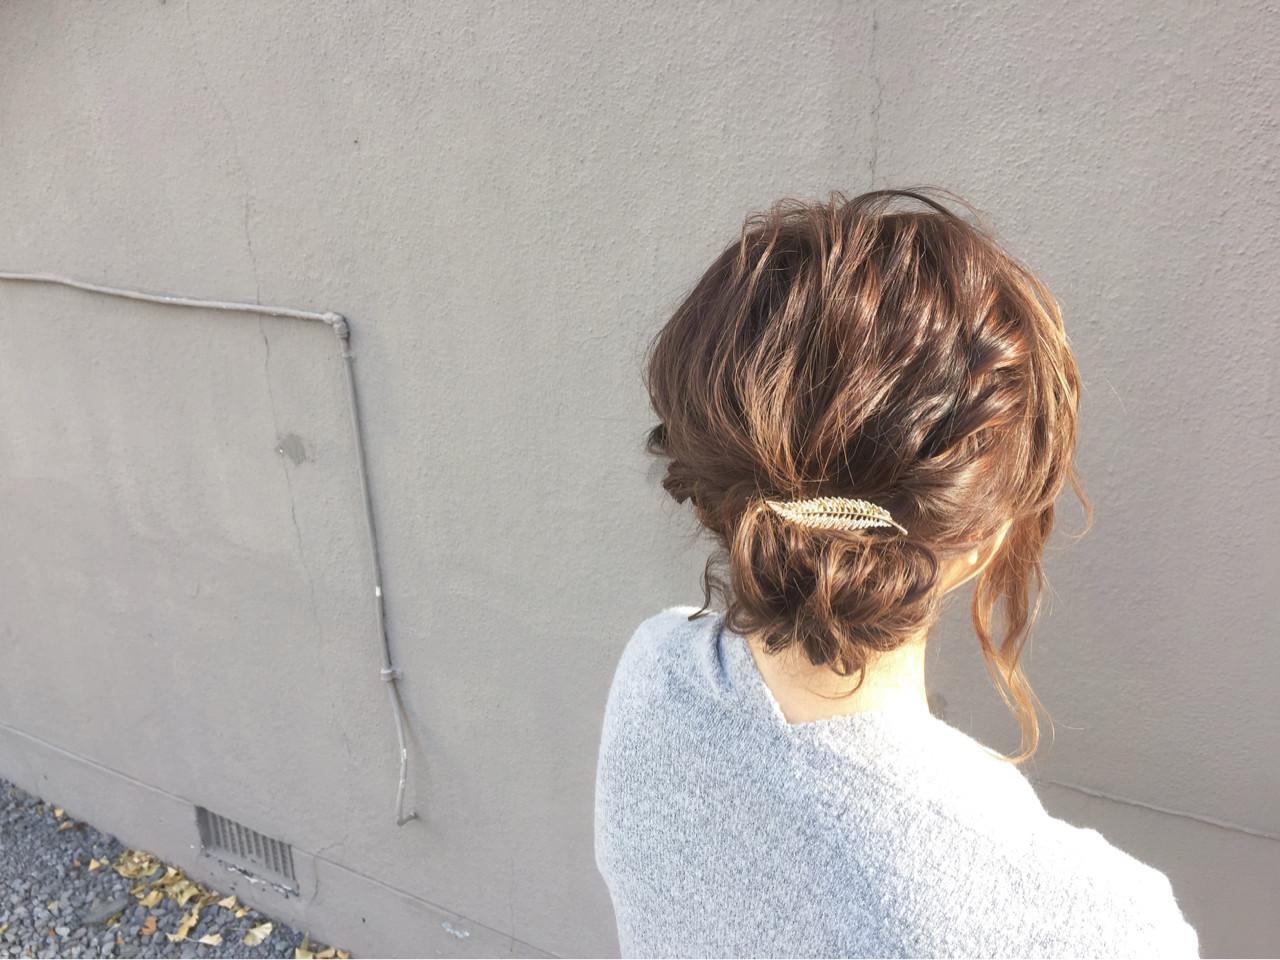 大人女子 ショート メッシーバン ヘアアレンジ ヘアスタイルや髪型の写真・画像